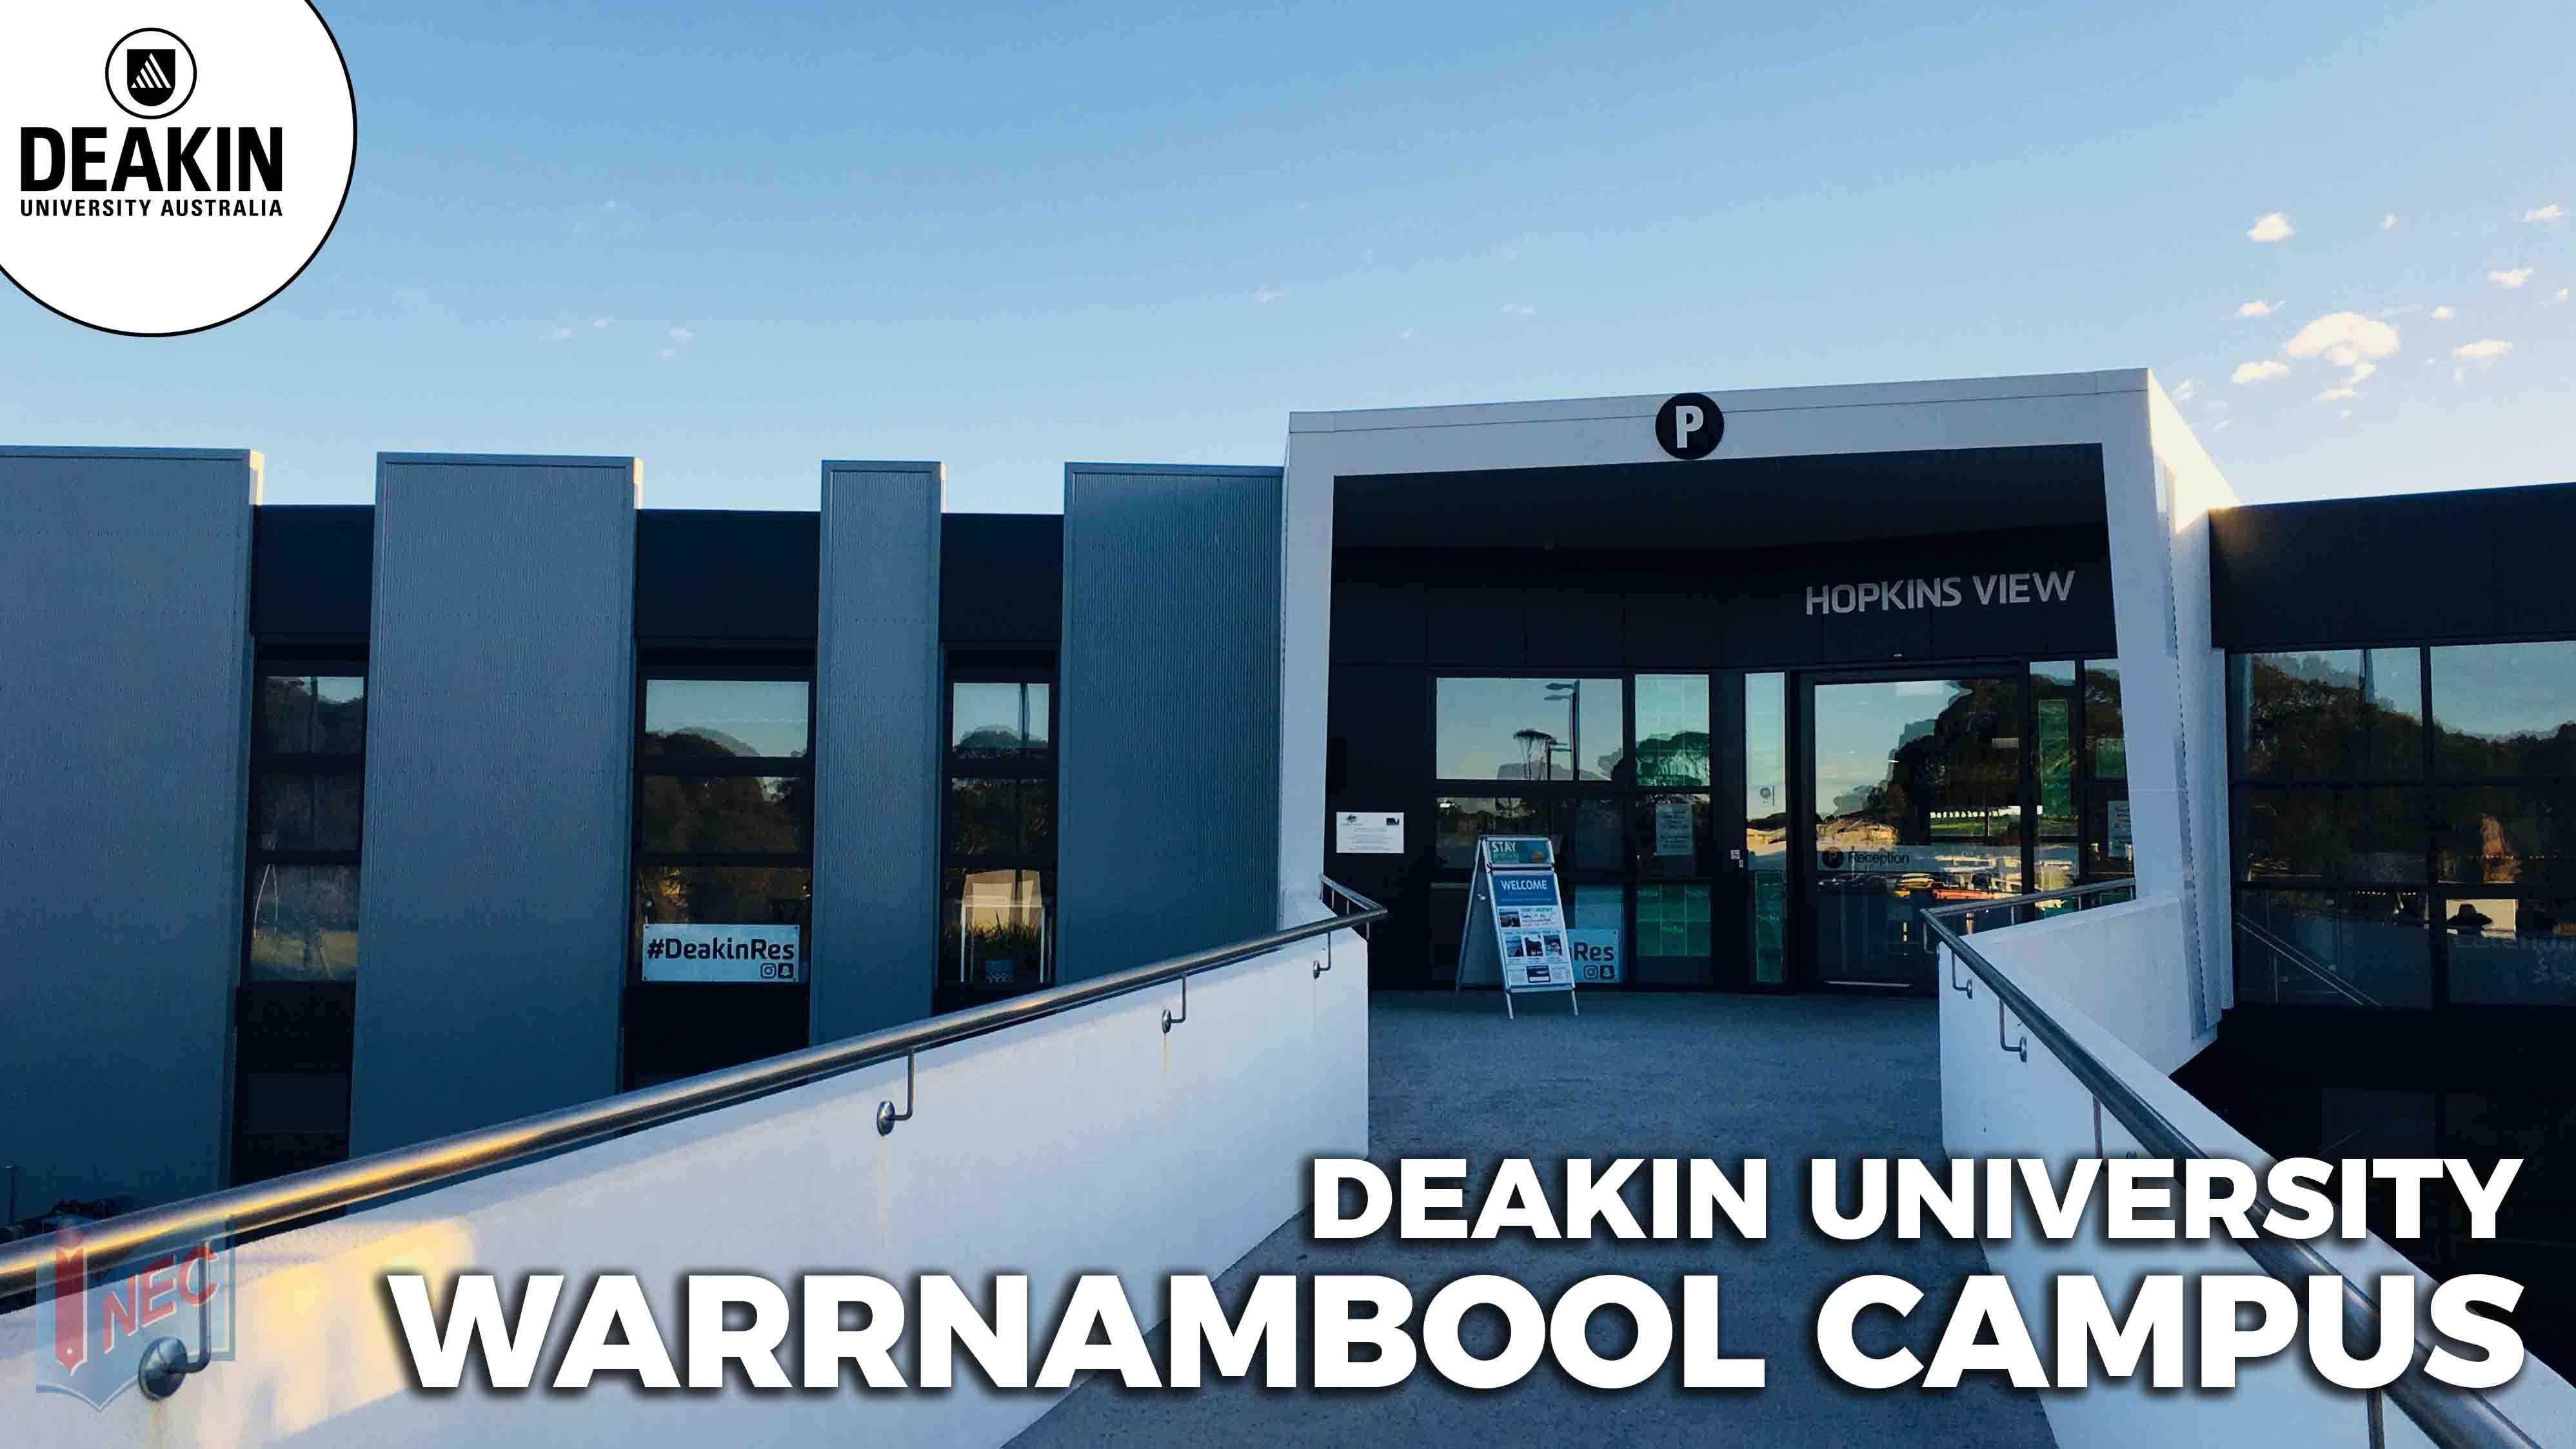 Là trường đại học duy nhất của Úc đặt cơ sở đào tạo tại Warrnambool, Deakin mang đến cho sinh viên từ khắp nơi trên thế giới chọn lựa các khóa học chất lượng ở nhiều lĩnh vực hấp dẫn hiện nay như giáo dục, điều dưỡng, luật, khoa học, sức khỏe, thương mại và khoa học biển. Warrnambool là thành phố ven biển tuyệt đẹp đang được chính quyền chú trọng đầu tư phát triển. Sinh viên khi du học Úc tại Đại học Deakin Warrnambool sẽ được hưởng lợi từ dịch vụ chăm sóc sức khỏe chu đáo, hòa mình vào cộng đồng người dân thân thiện phóng khoáng cùng nhiều cơ hội việc làm hấp dẫn ngay khi ra trường.  ☎ Tổng đài: 1900 636 990 ☎ Hotline KV Miền Bắc & Nam: 093 409 2662 – 093 409 9948 ☎ Hotline KV Miền Trung: 093 409 9070 – 093 409 4449 ✉ Email: inec@inec.vn  Website: https://duhocinec.com/du-hoc-uc  Xem thêm các clip về du học Úc tại: https://www.youtube.com/playlist?list=PLcYVR0Wljlzg_-TWKgau0P4nrgLBaID5b